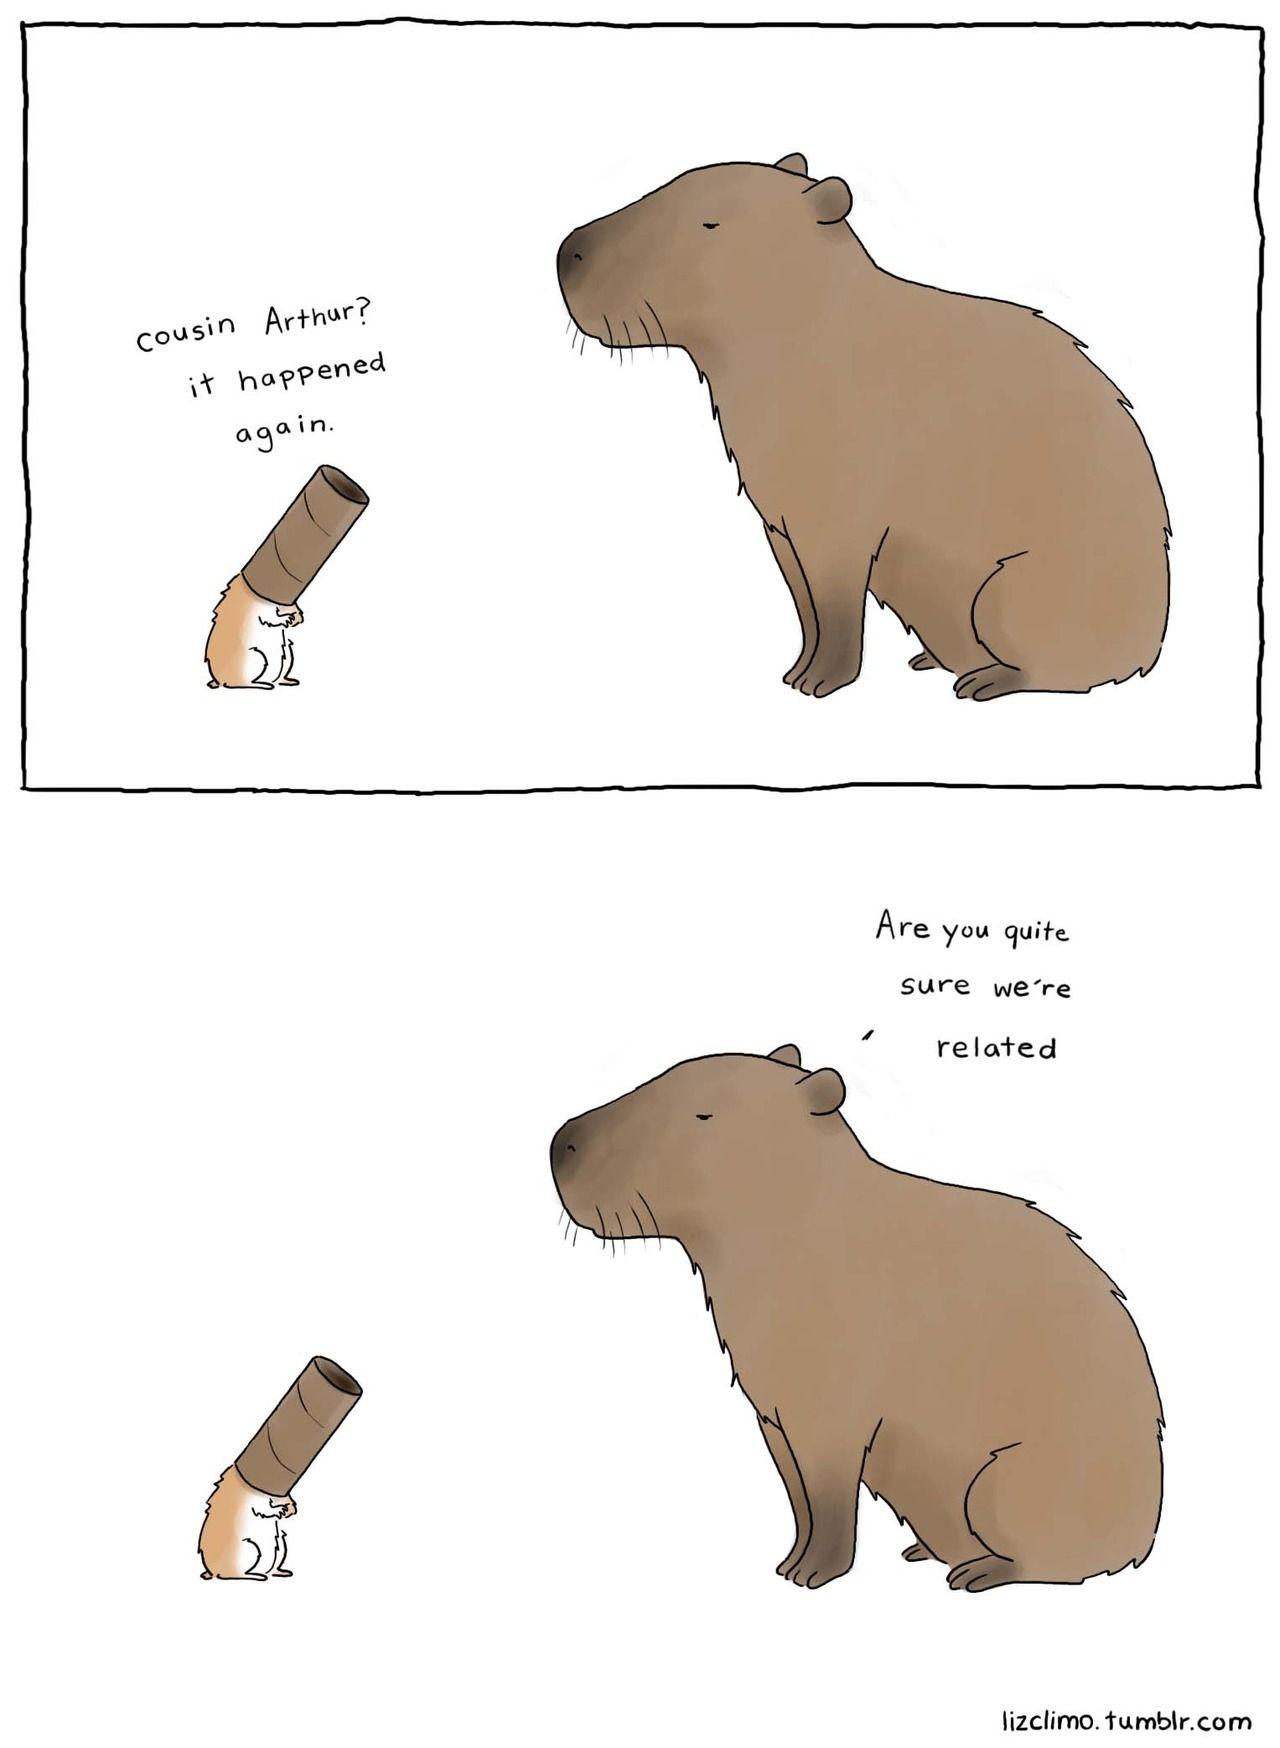 capybaras are fancy. | 動物イラスト | pinterest | 動物 と イラスト